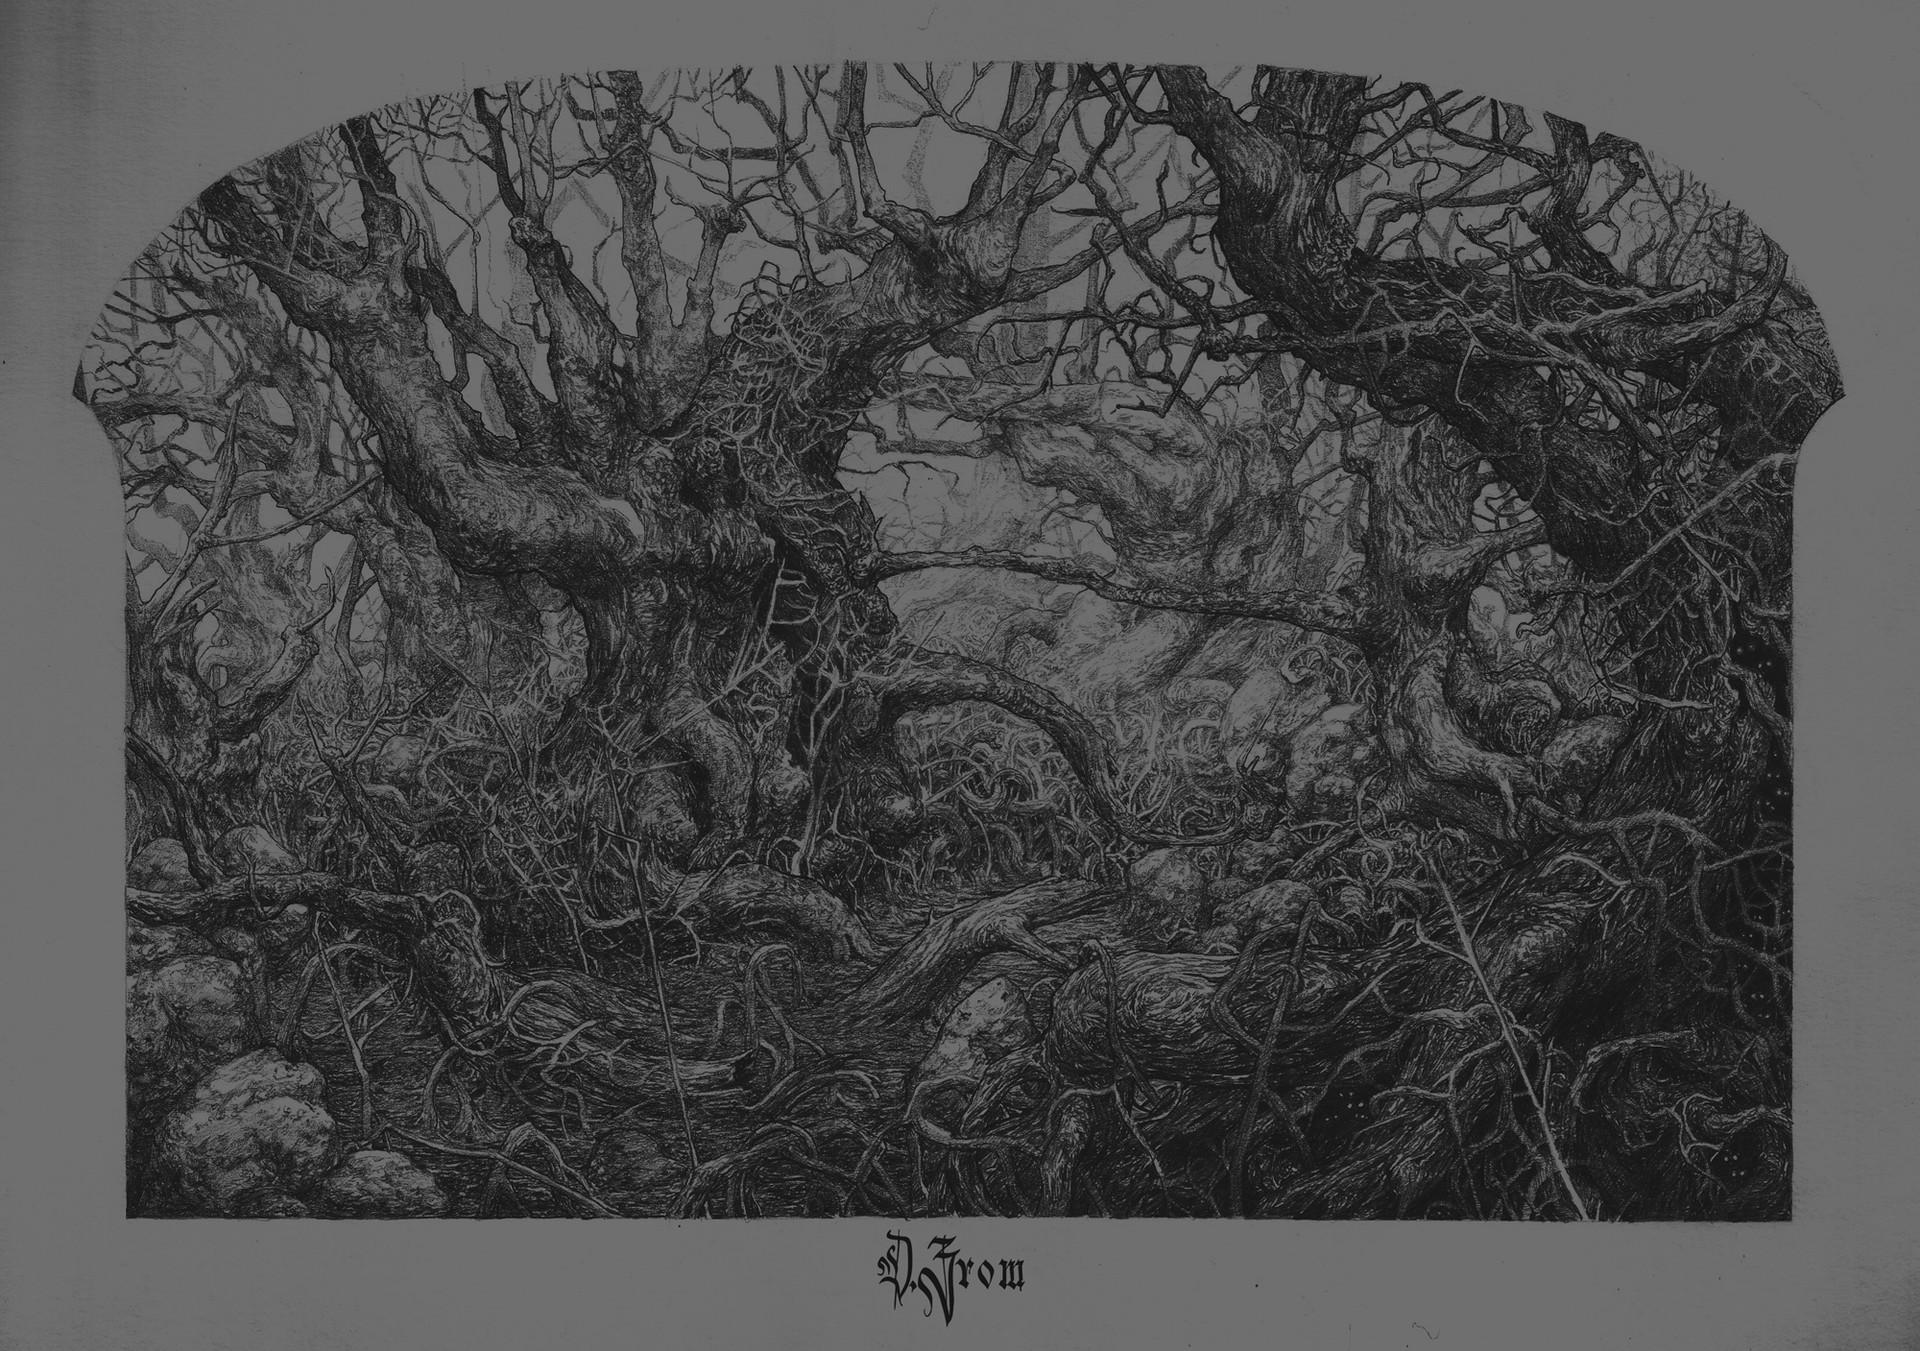 Daniel zrom darkswamp forest danielzrom